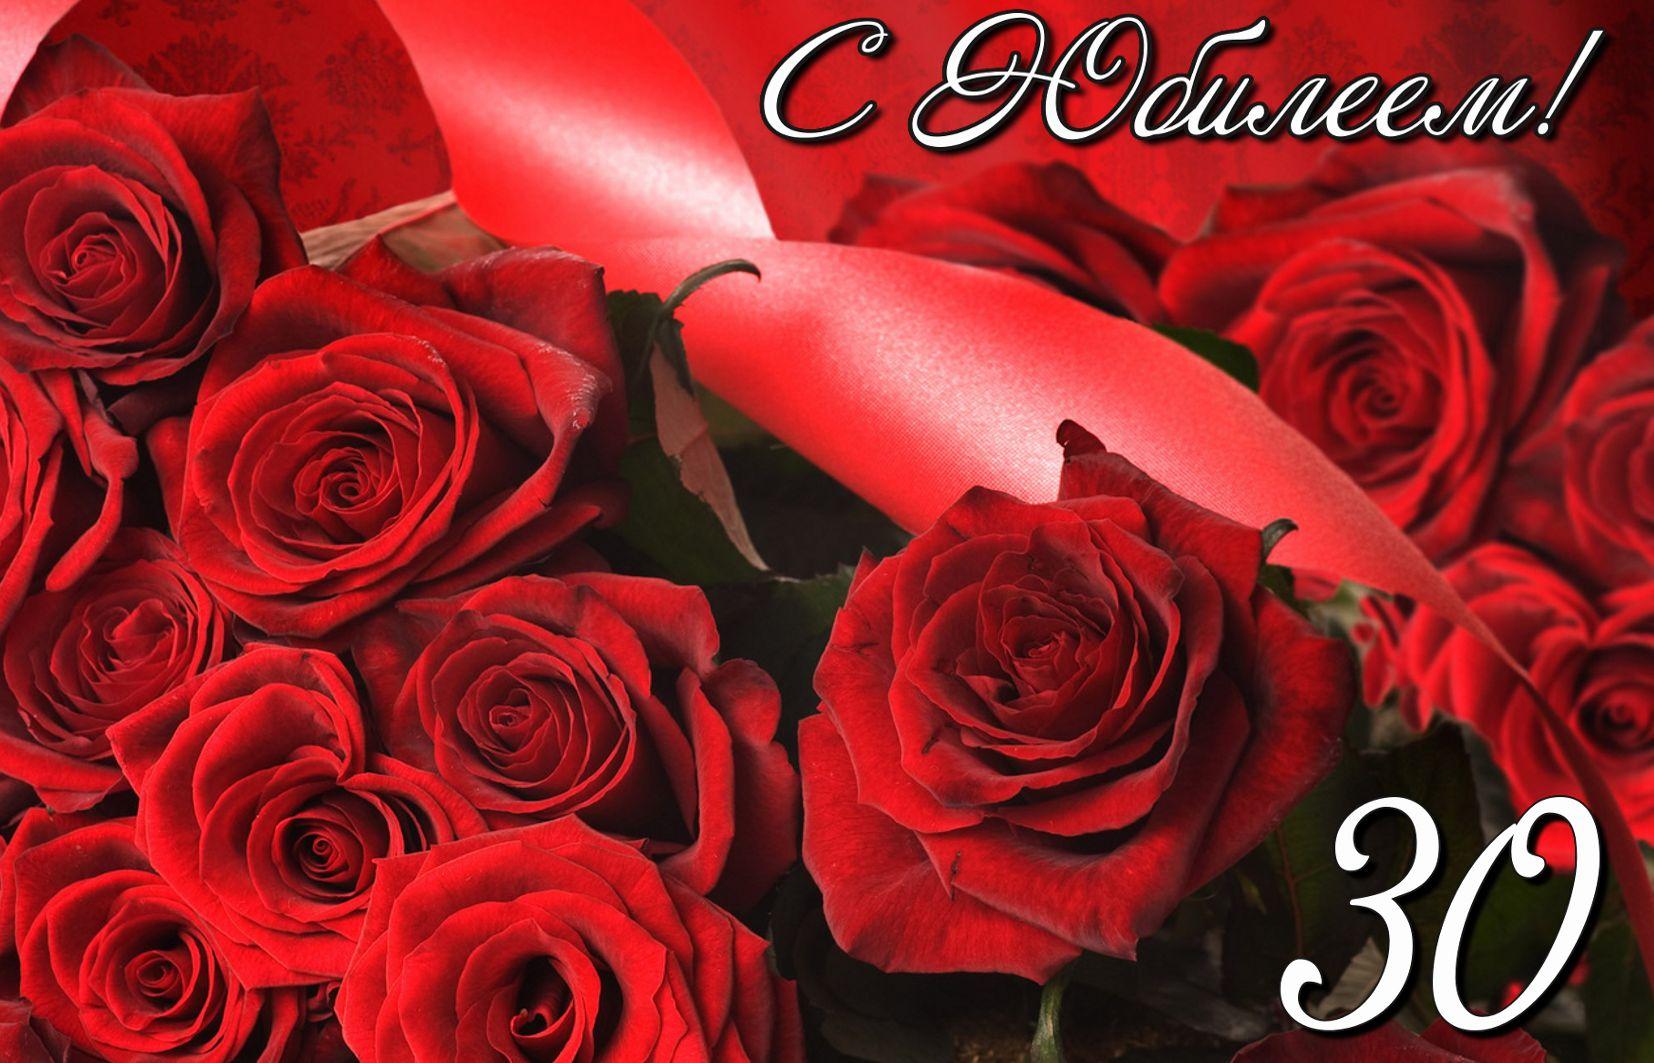 Открытка на юбилей 30 лет в красном цвете